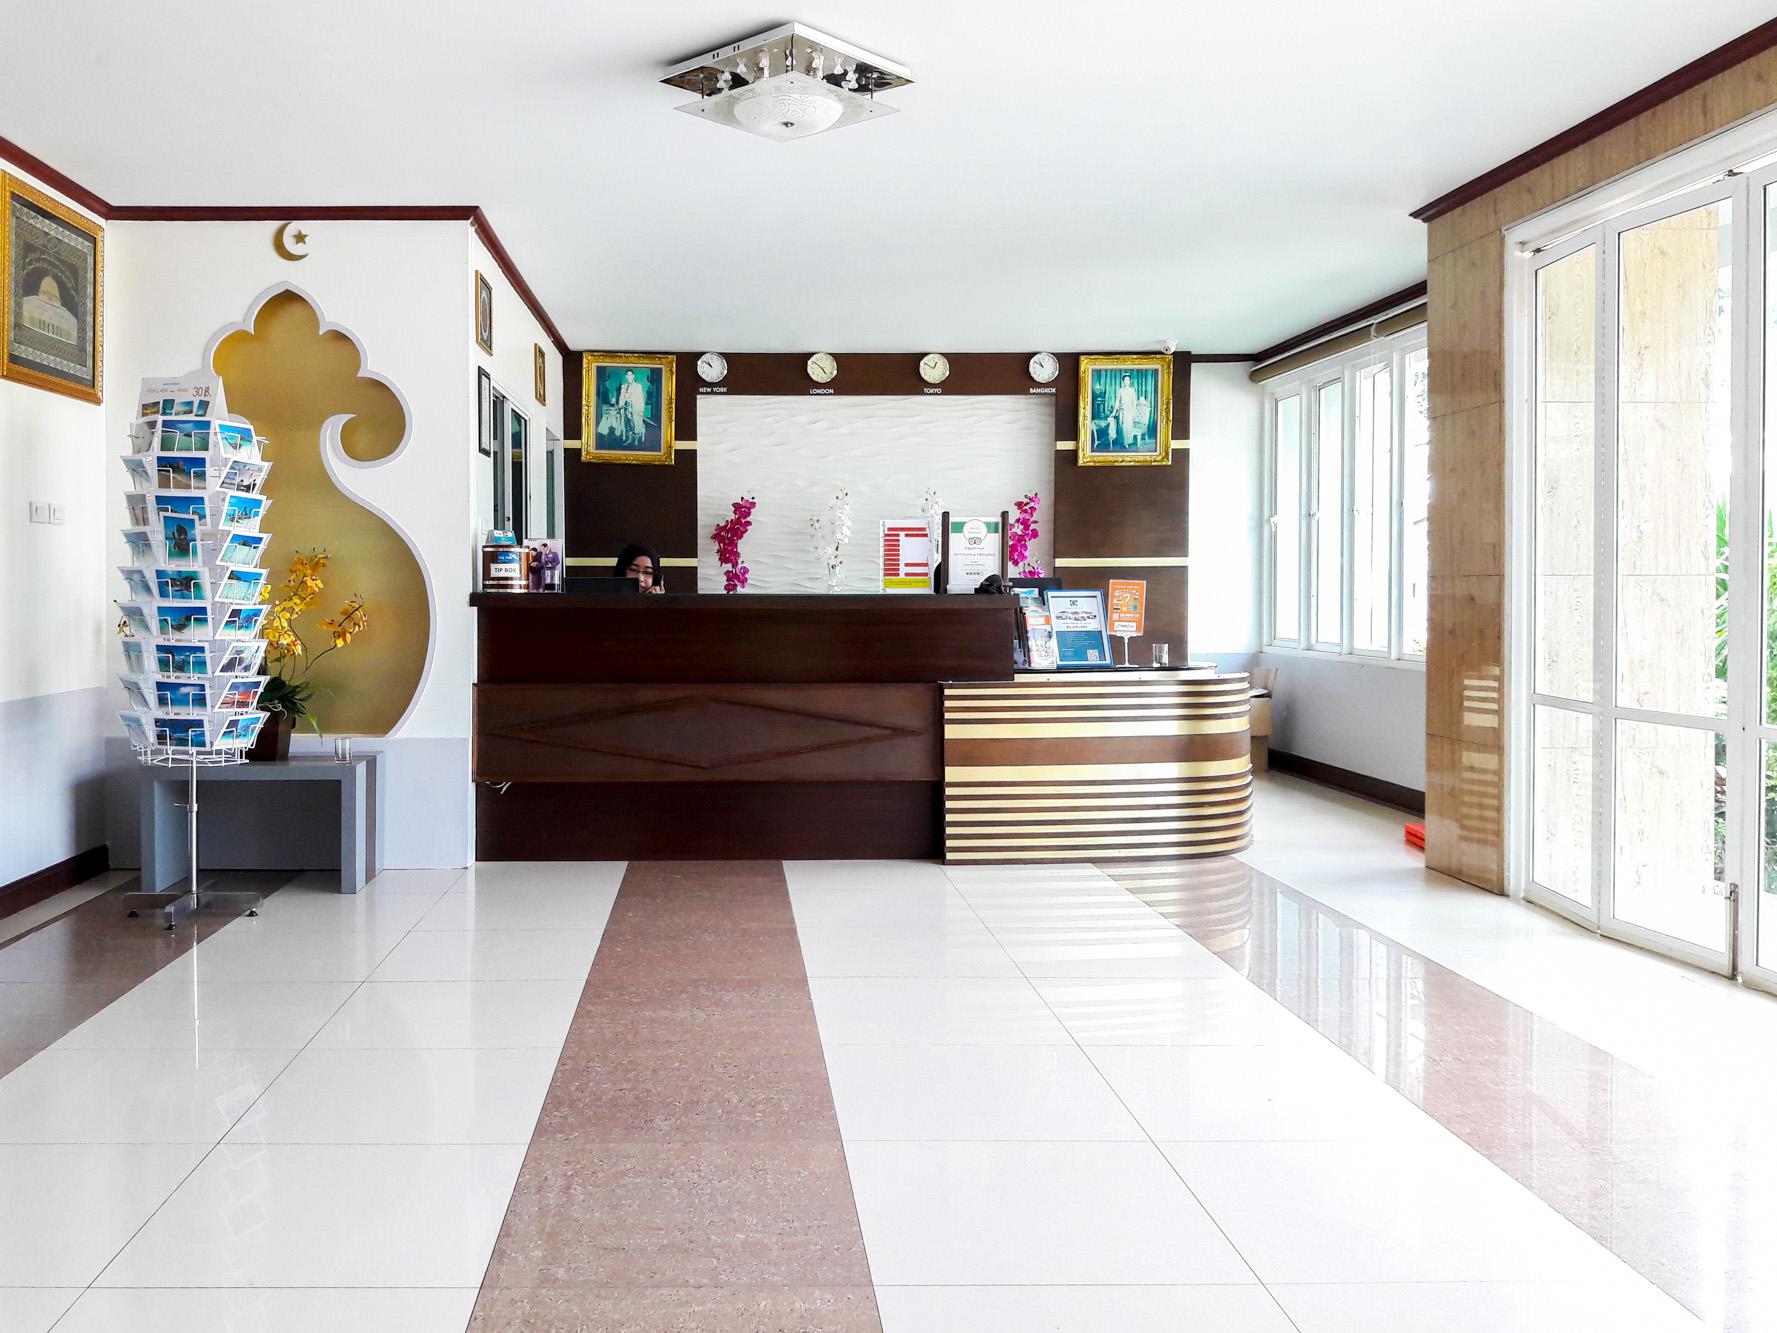 ห้องภูผา อ่าวนาง ซิลเวอร์ ออคิด รีสอร์ท (Aonang Silver Orchid Resort)  Aonang Silver Orchid Resort  อ่าวนาง ซิลเวอร์ ออคิด รีสอร์ท 20160919 105202